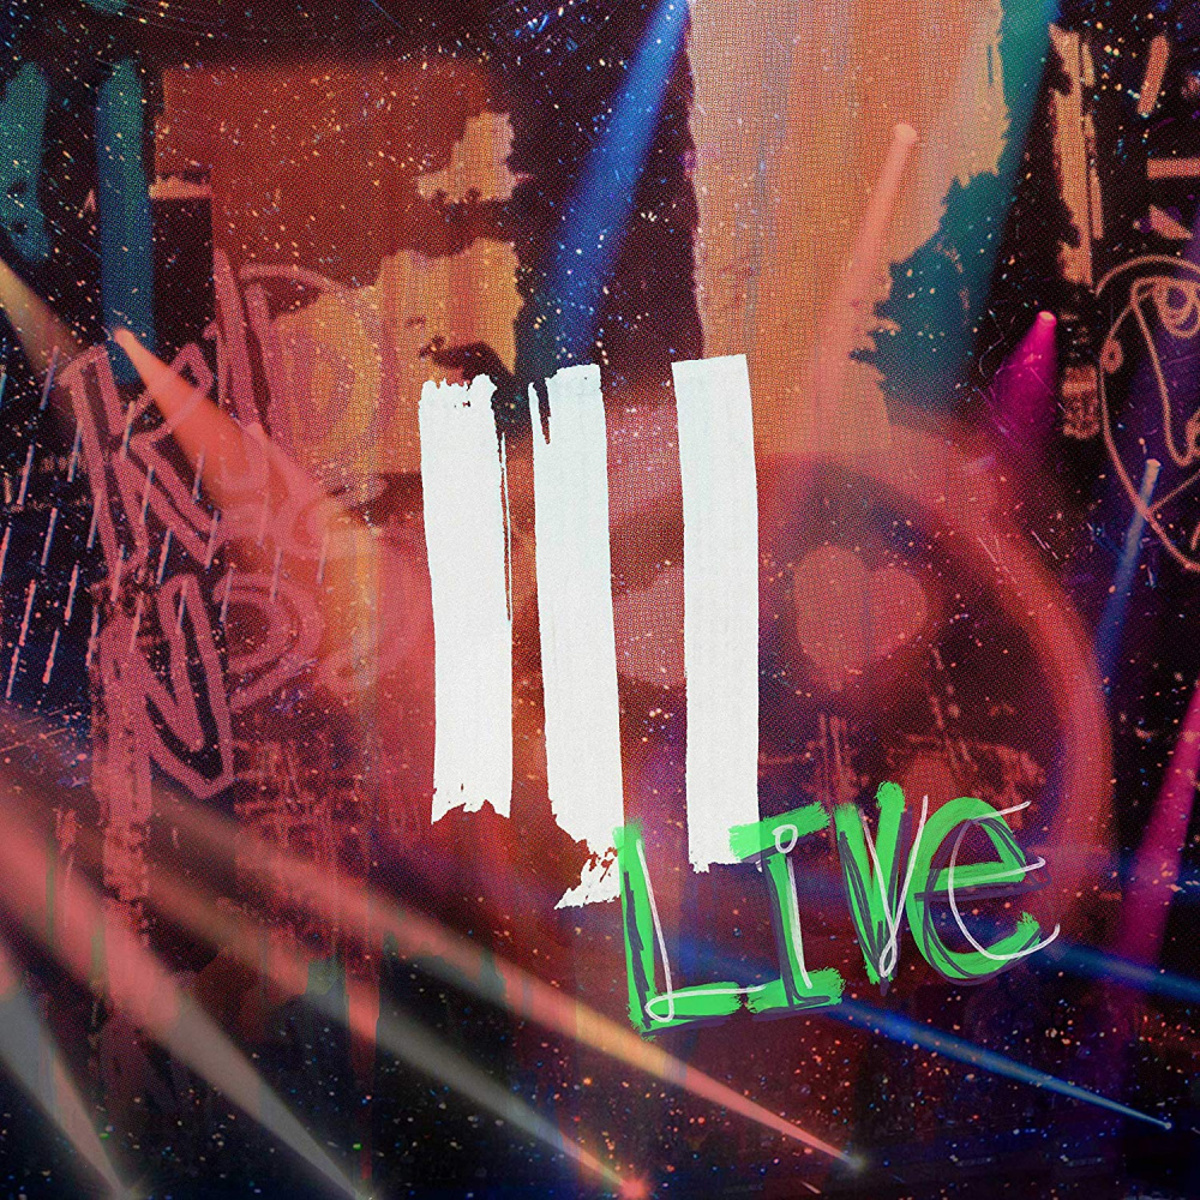 III (Live)